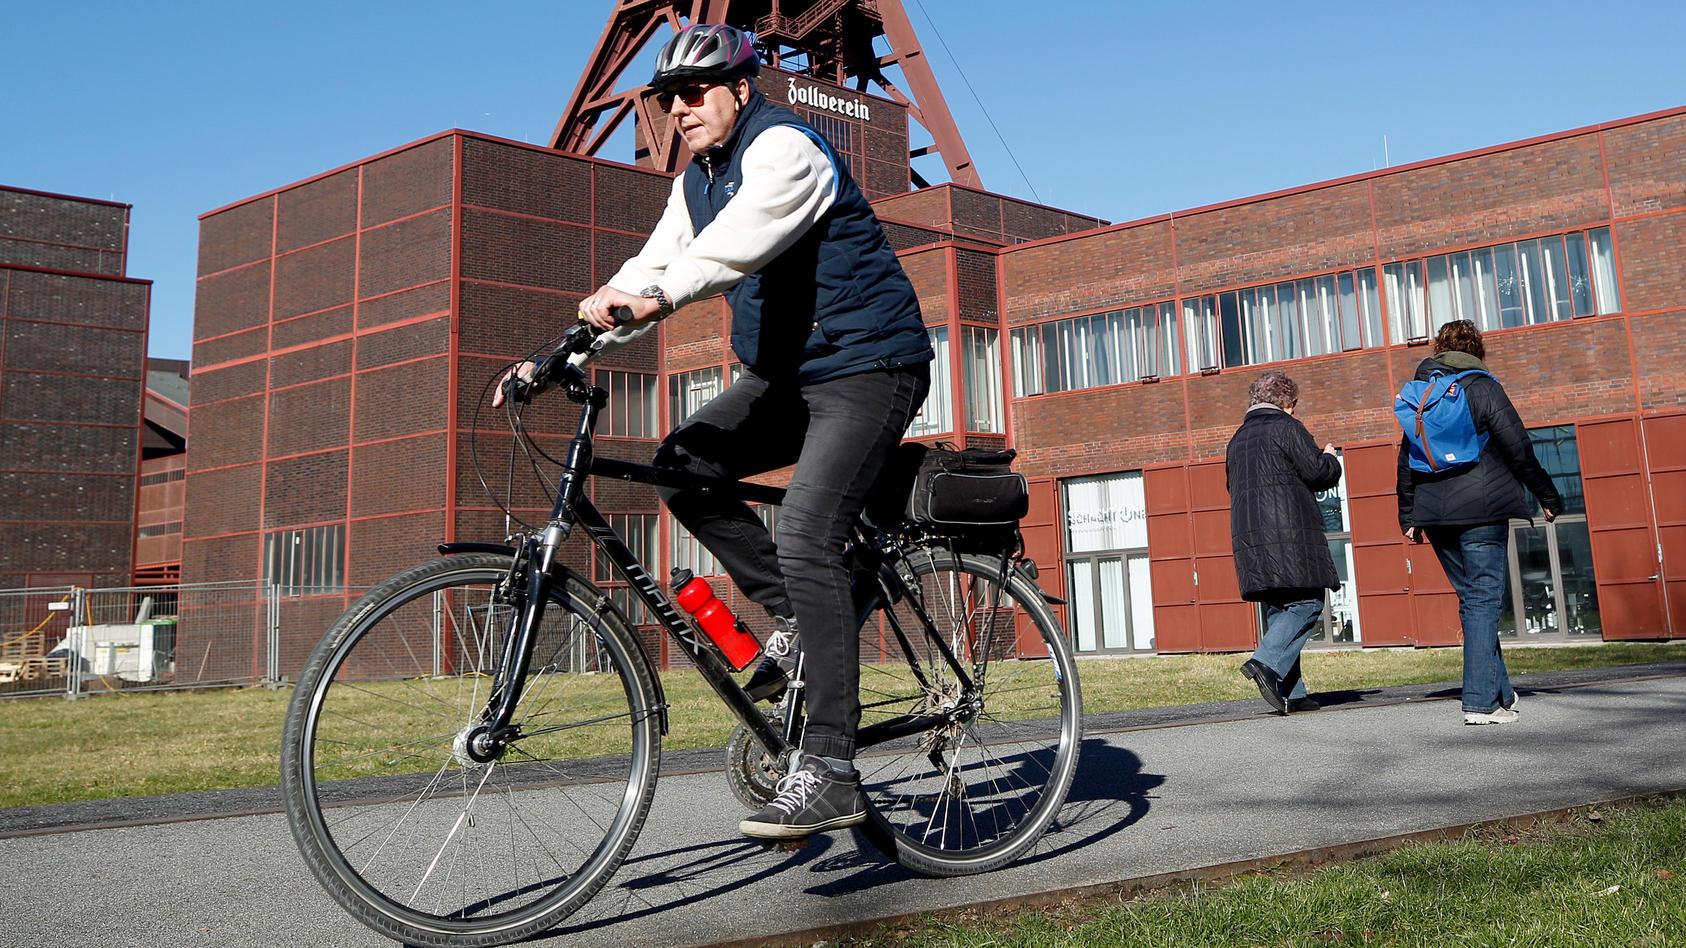 Gesundheit: Abnehmen mit Radfahren